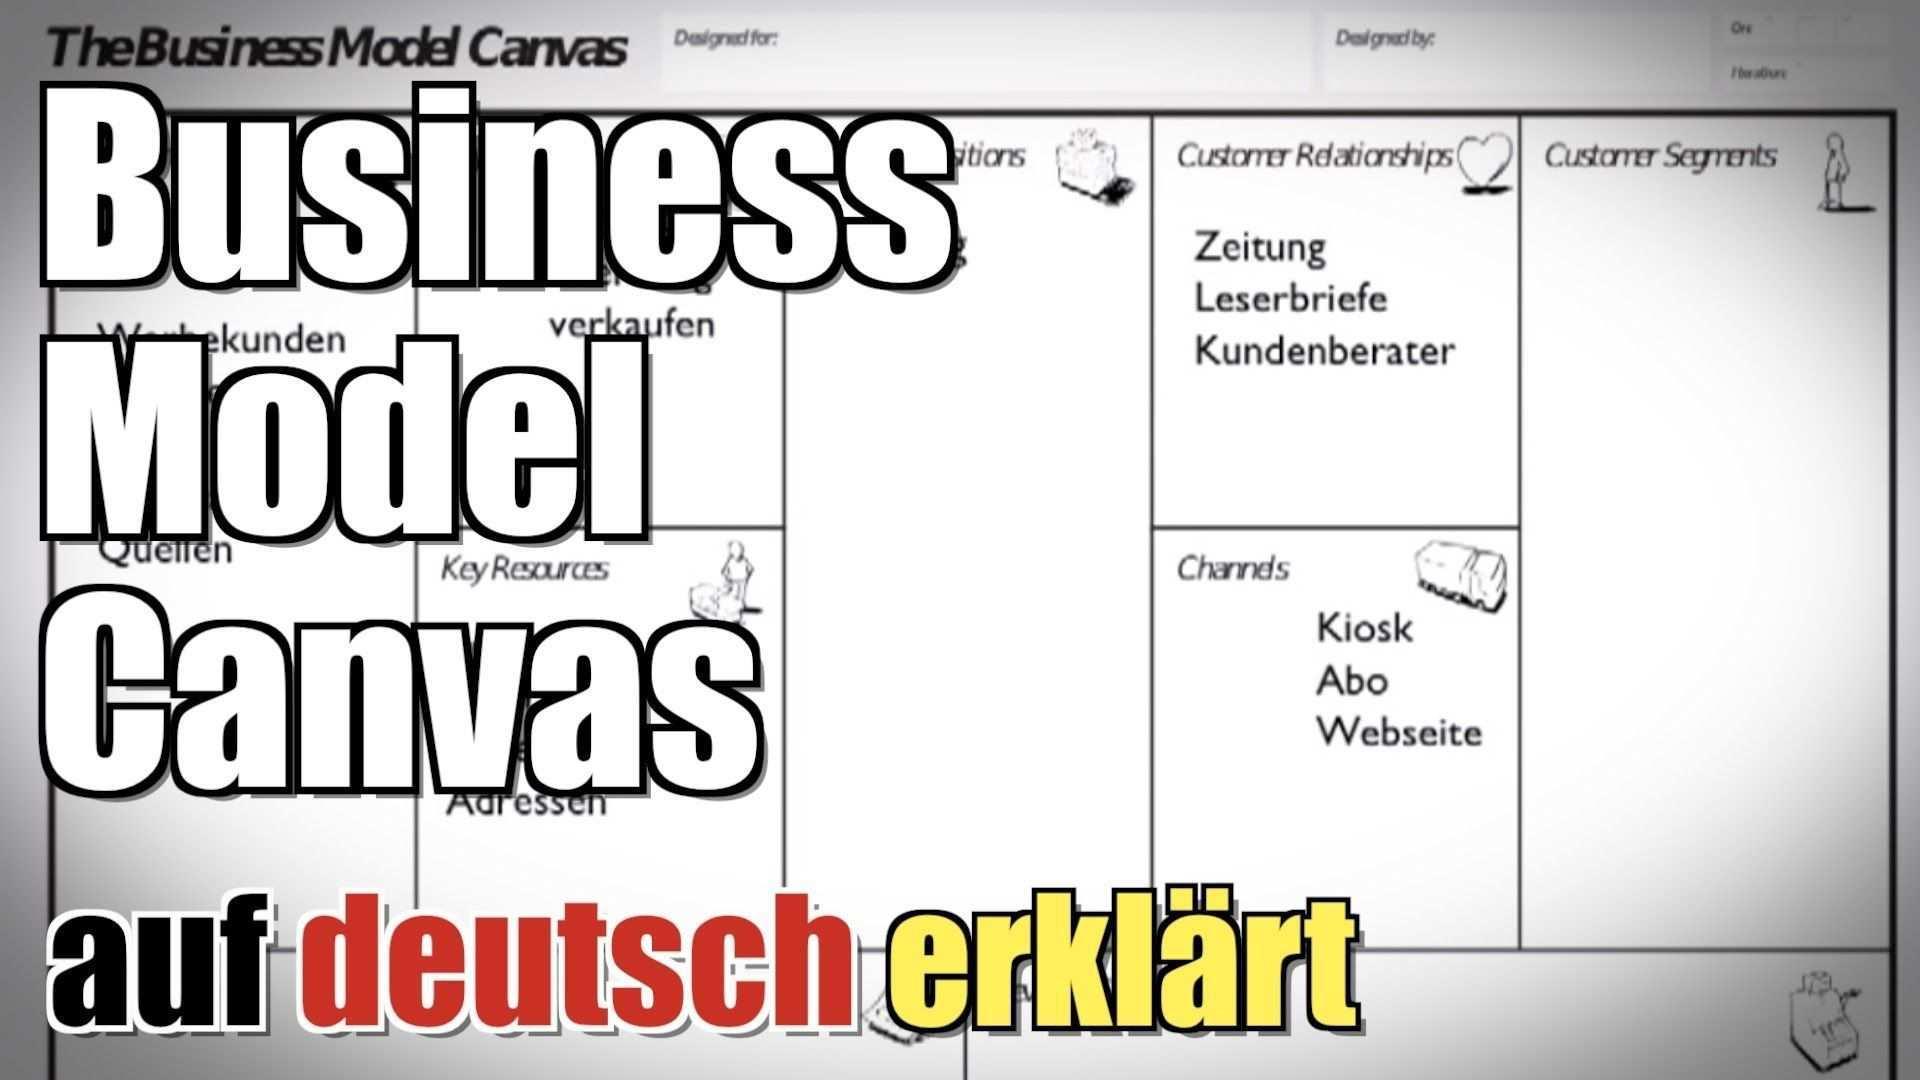 Business Model Canvas Zeitung Auf Deutsch Erklart